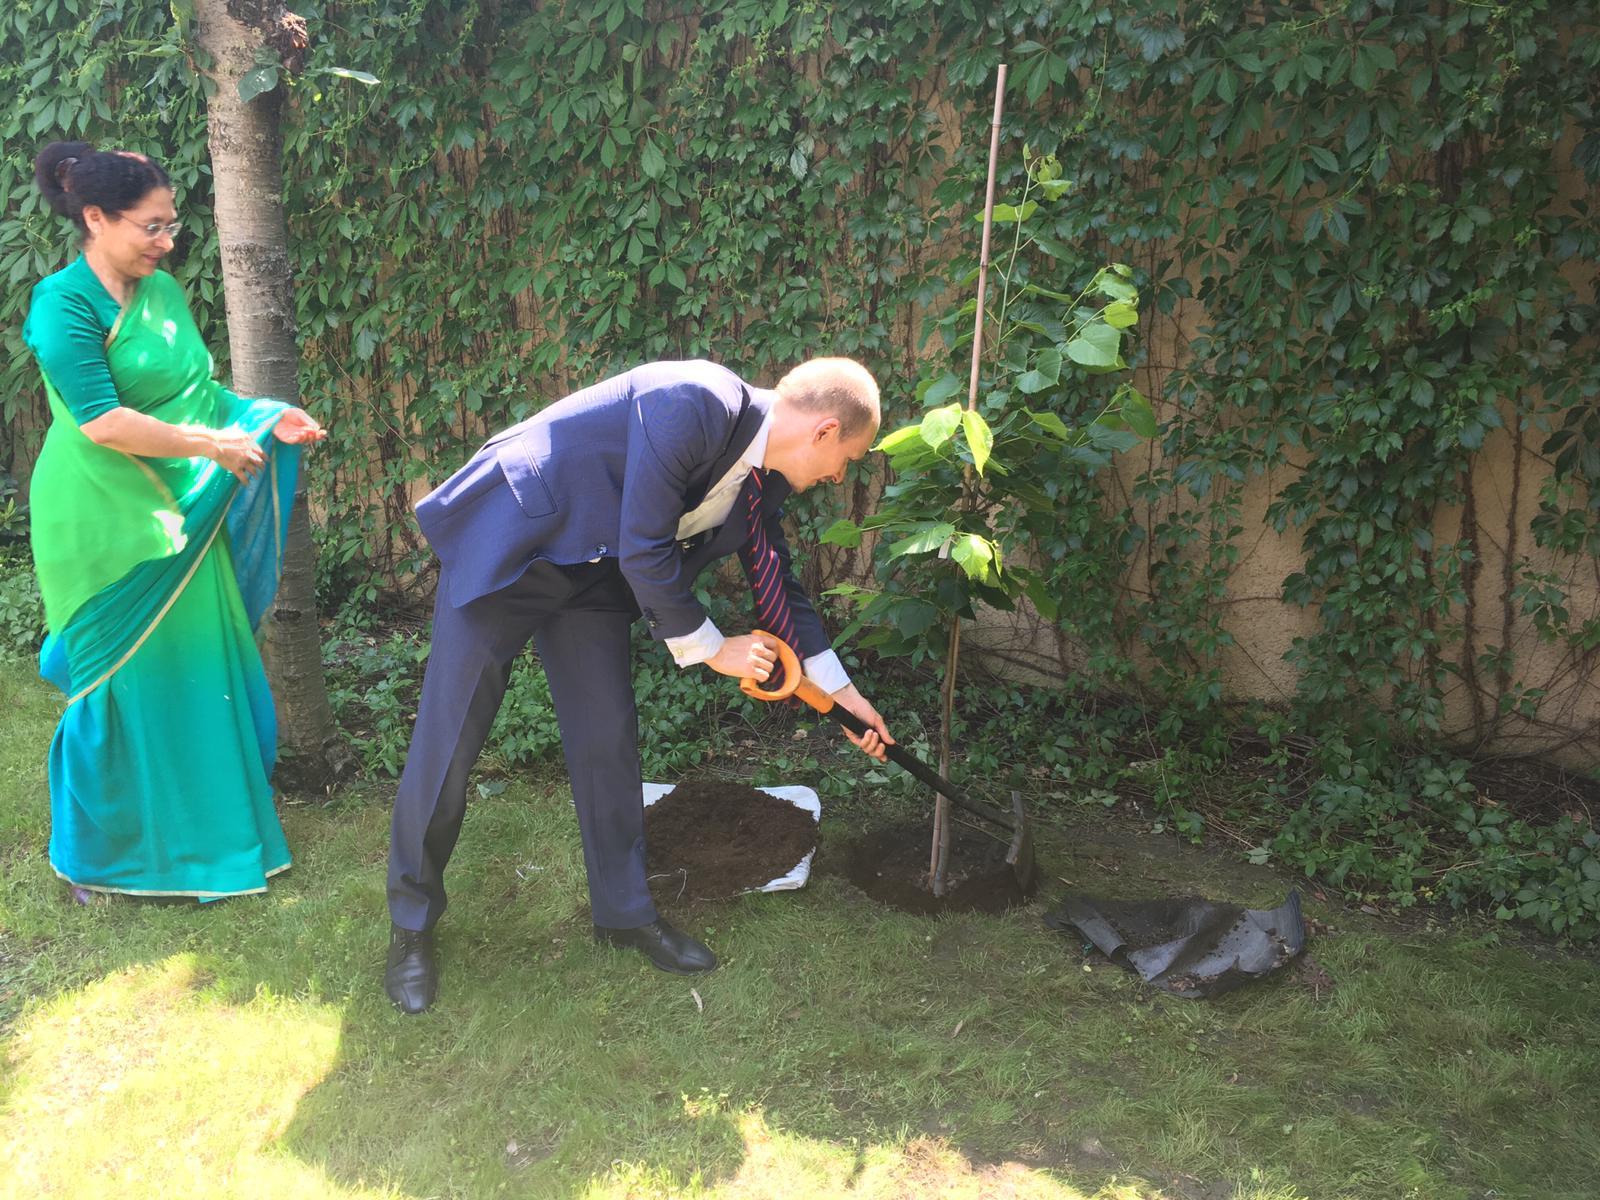 Dnes je Světový den životní prostředí. MŽP a indická ambasáda společně vysázejí 150 stromů